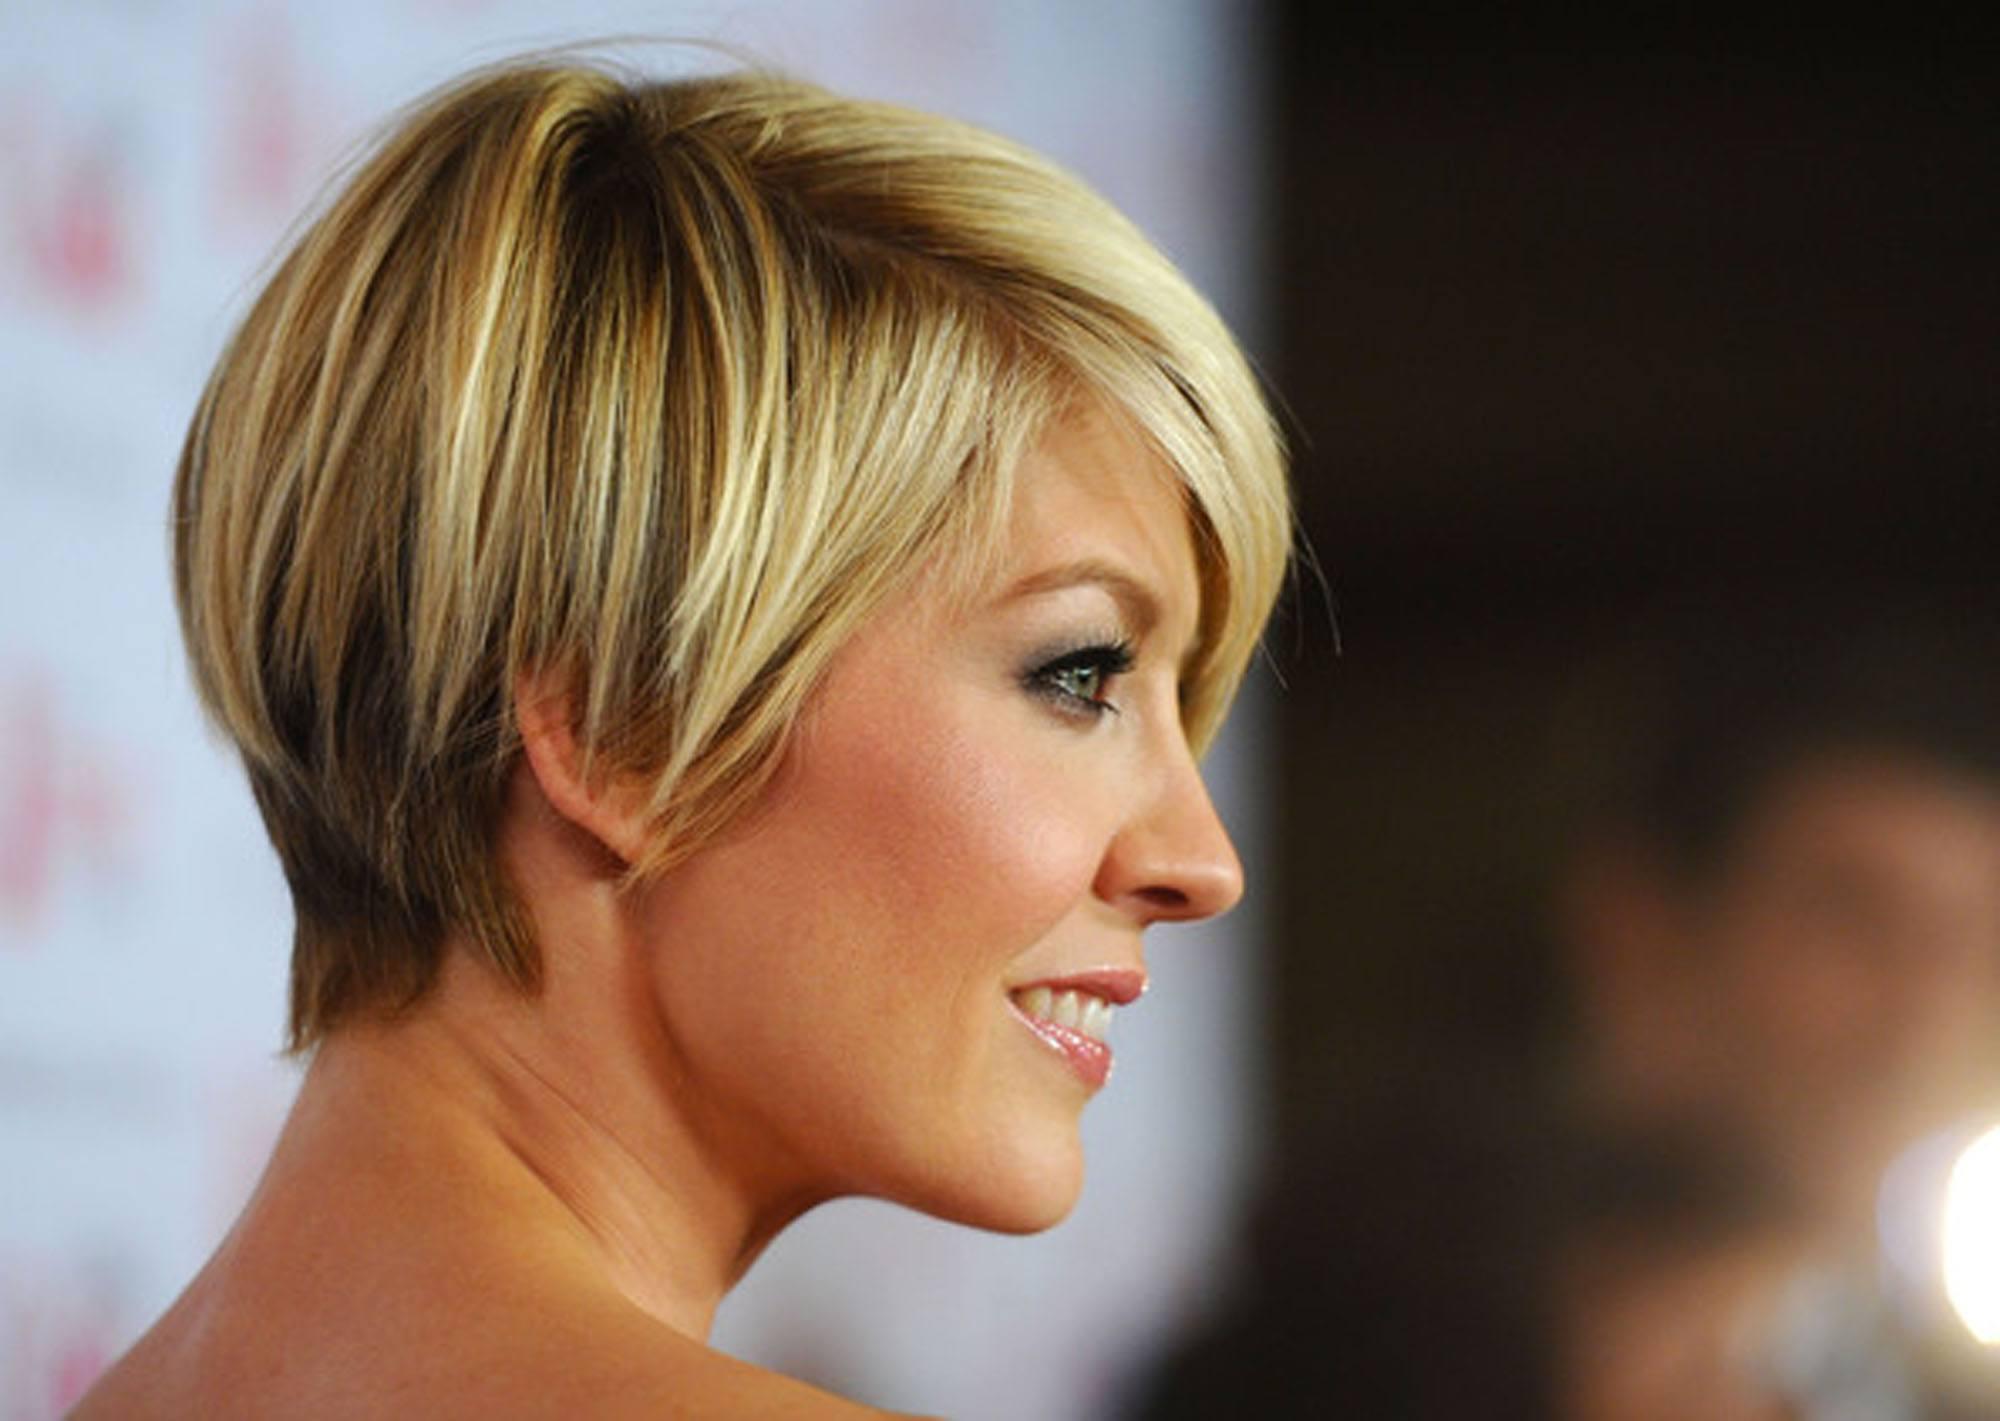 Kvinder frisure Kort hår